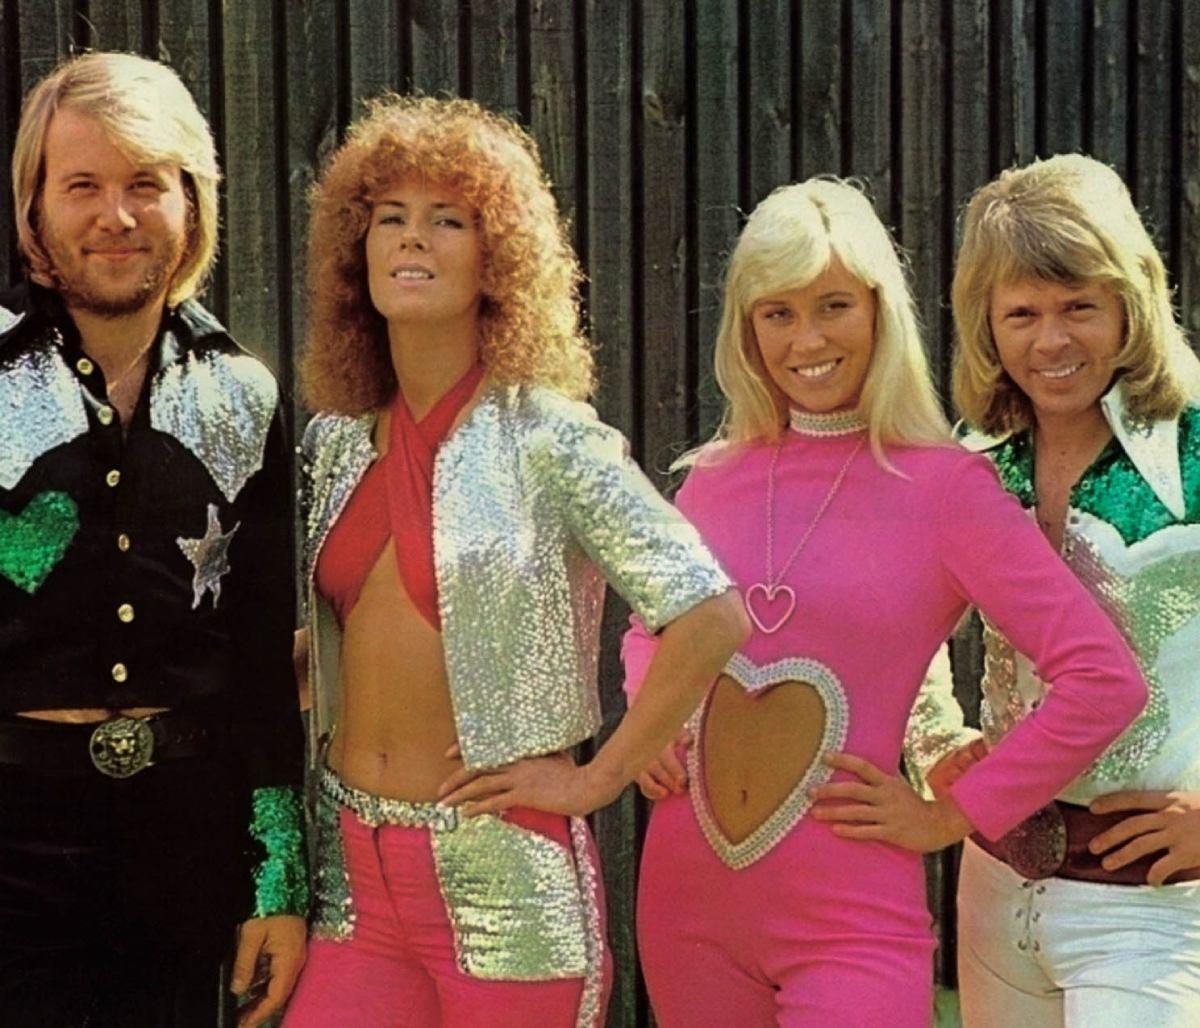 ABBA возвращается? Легендарная группа впервые за 39 лет представит новые песни - фото №2